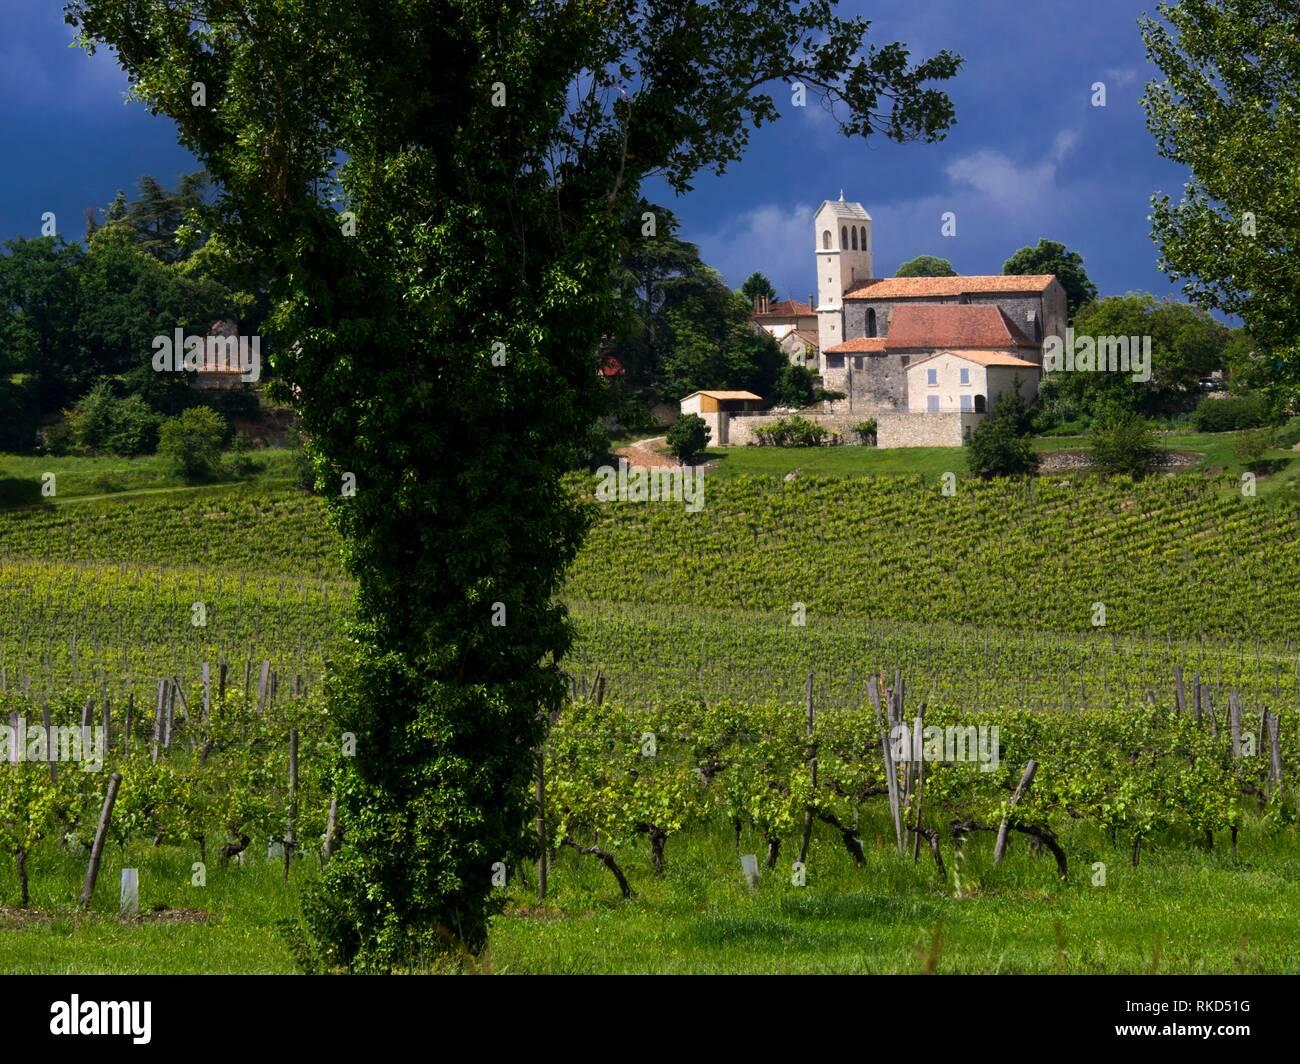 Frankreich, Nouvelle Aquitaine, Dordogne, ''Domaine de la Vieille Cure'', in der Monbazillac, der die Weine von Bergerac entfernt. Stockbild